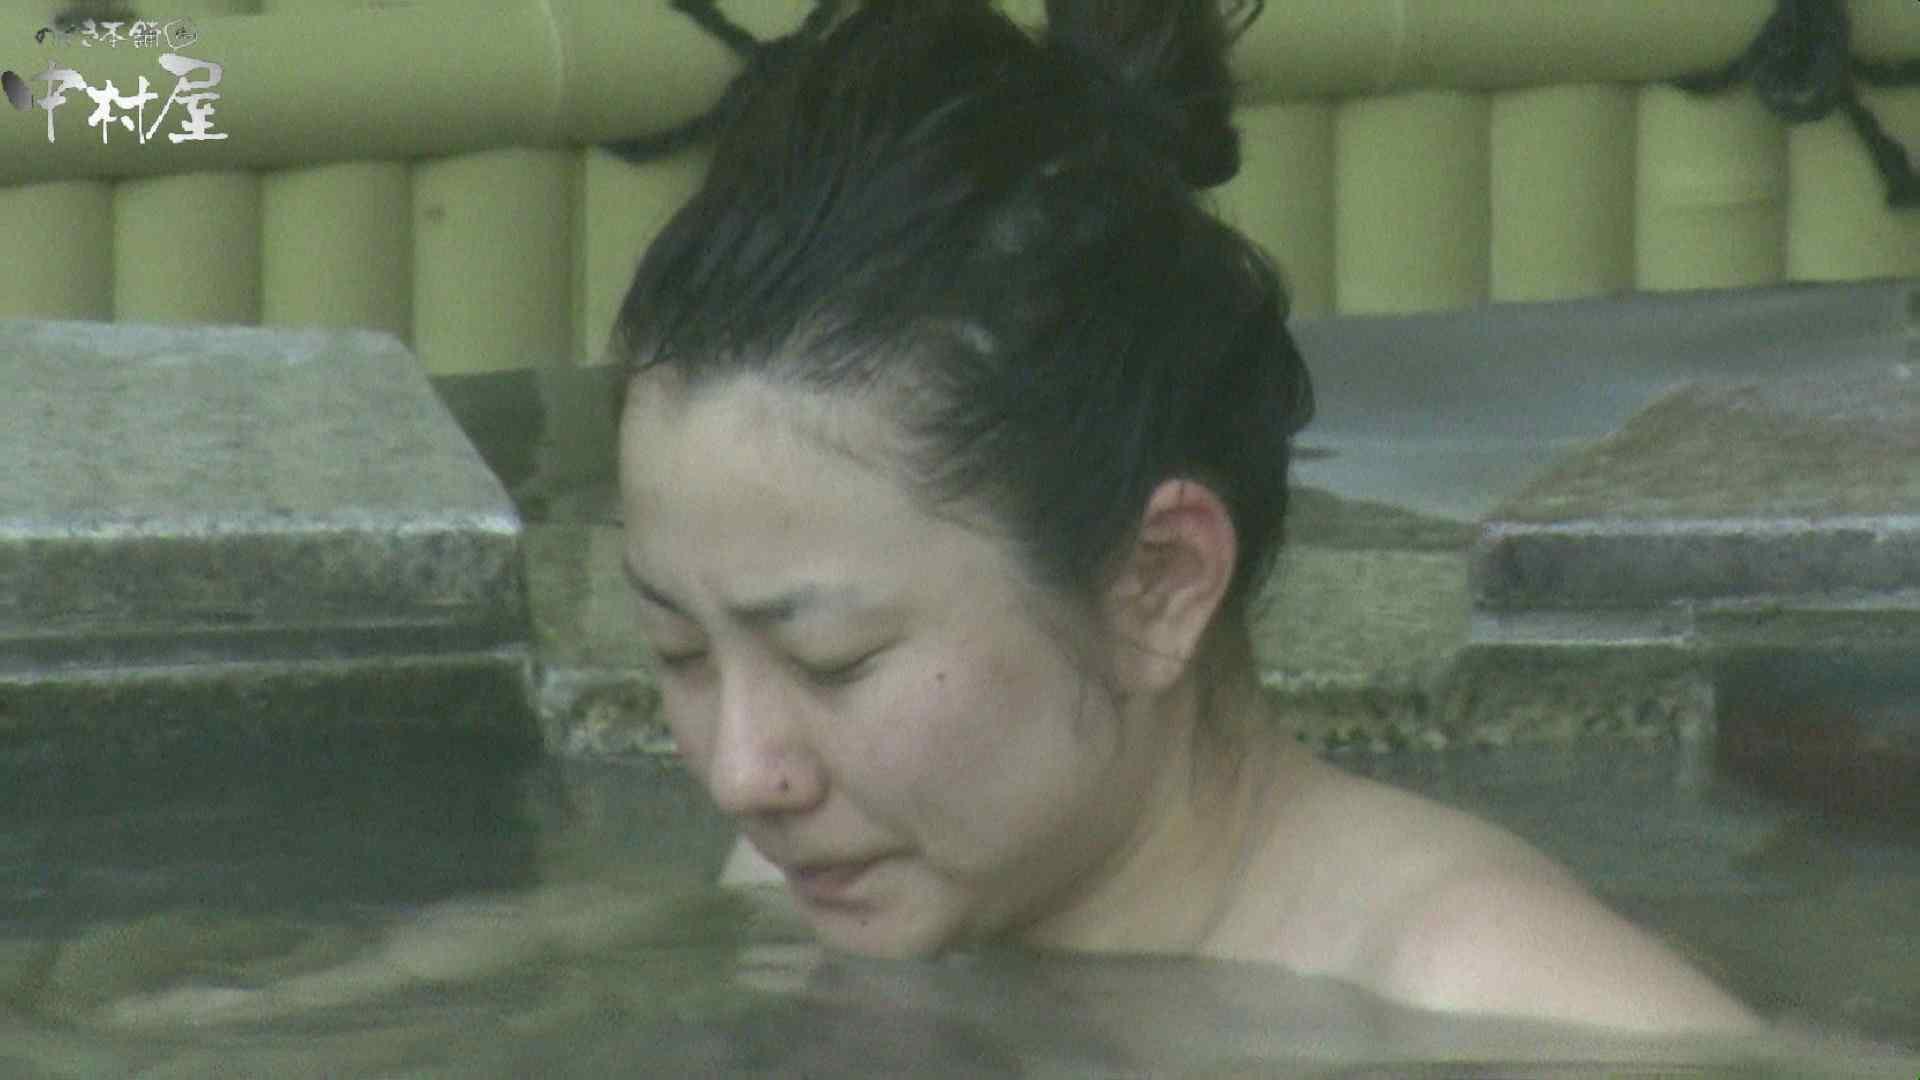 Aquaな露天風呂Vol.969 盗撮  94枚 84